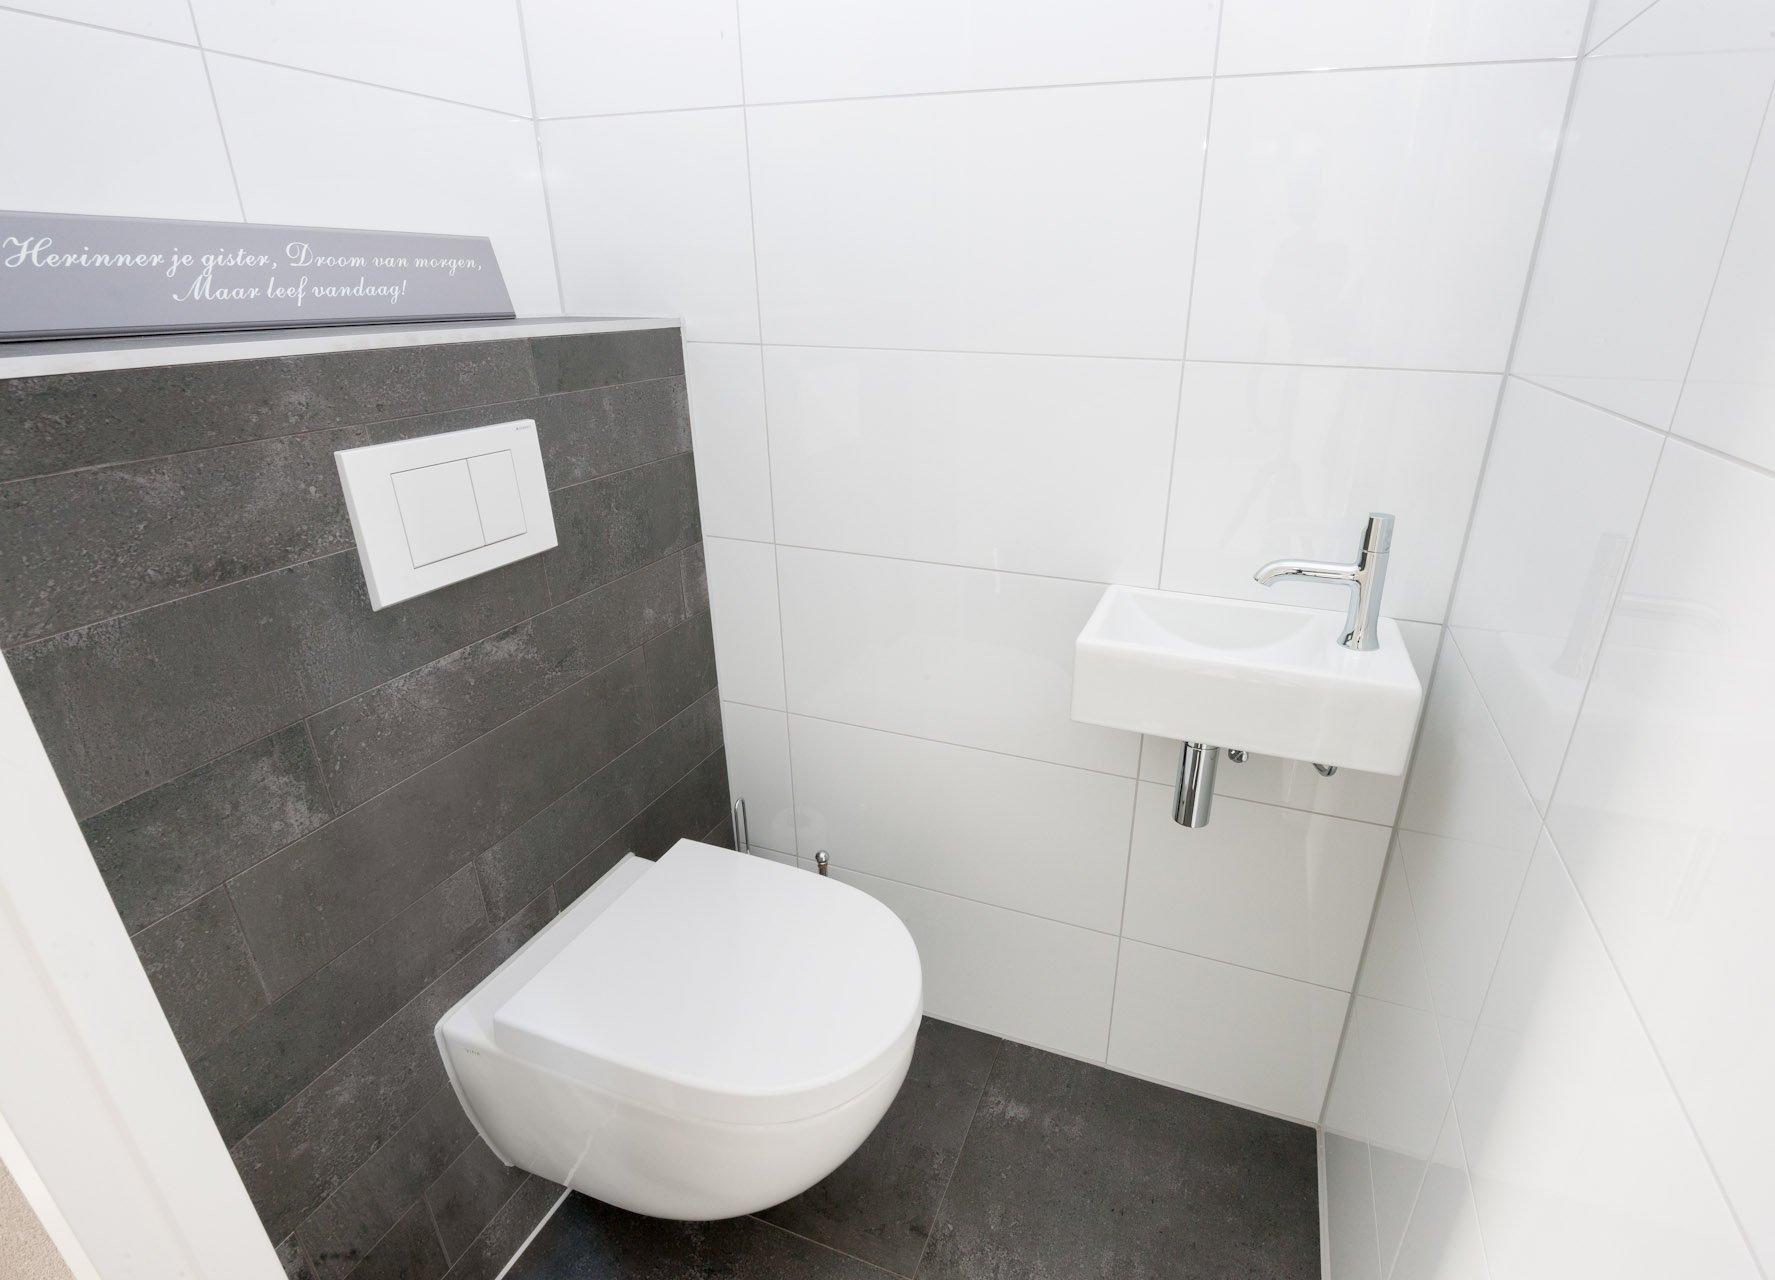 Antraciet vloertegels in woonkamer en badkamer - Tegels voor wc ...